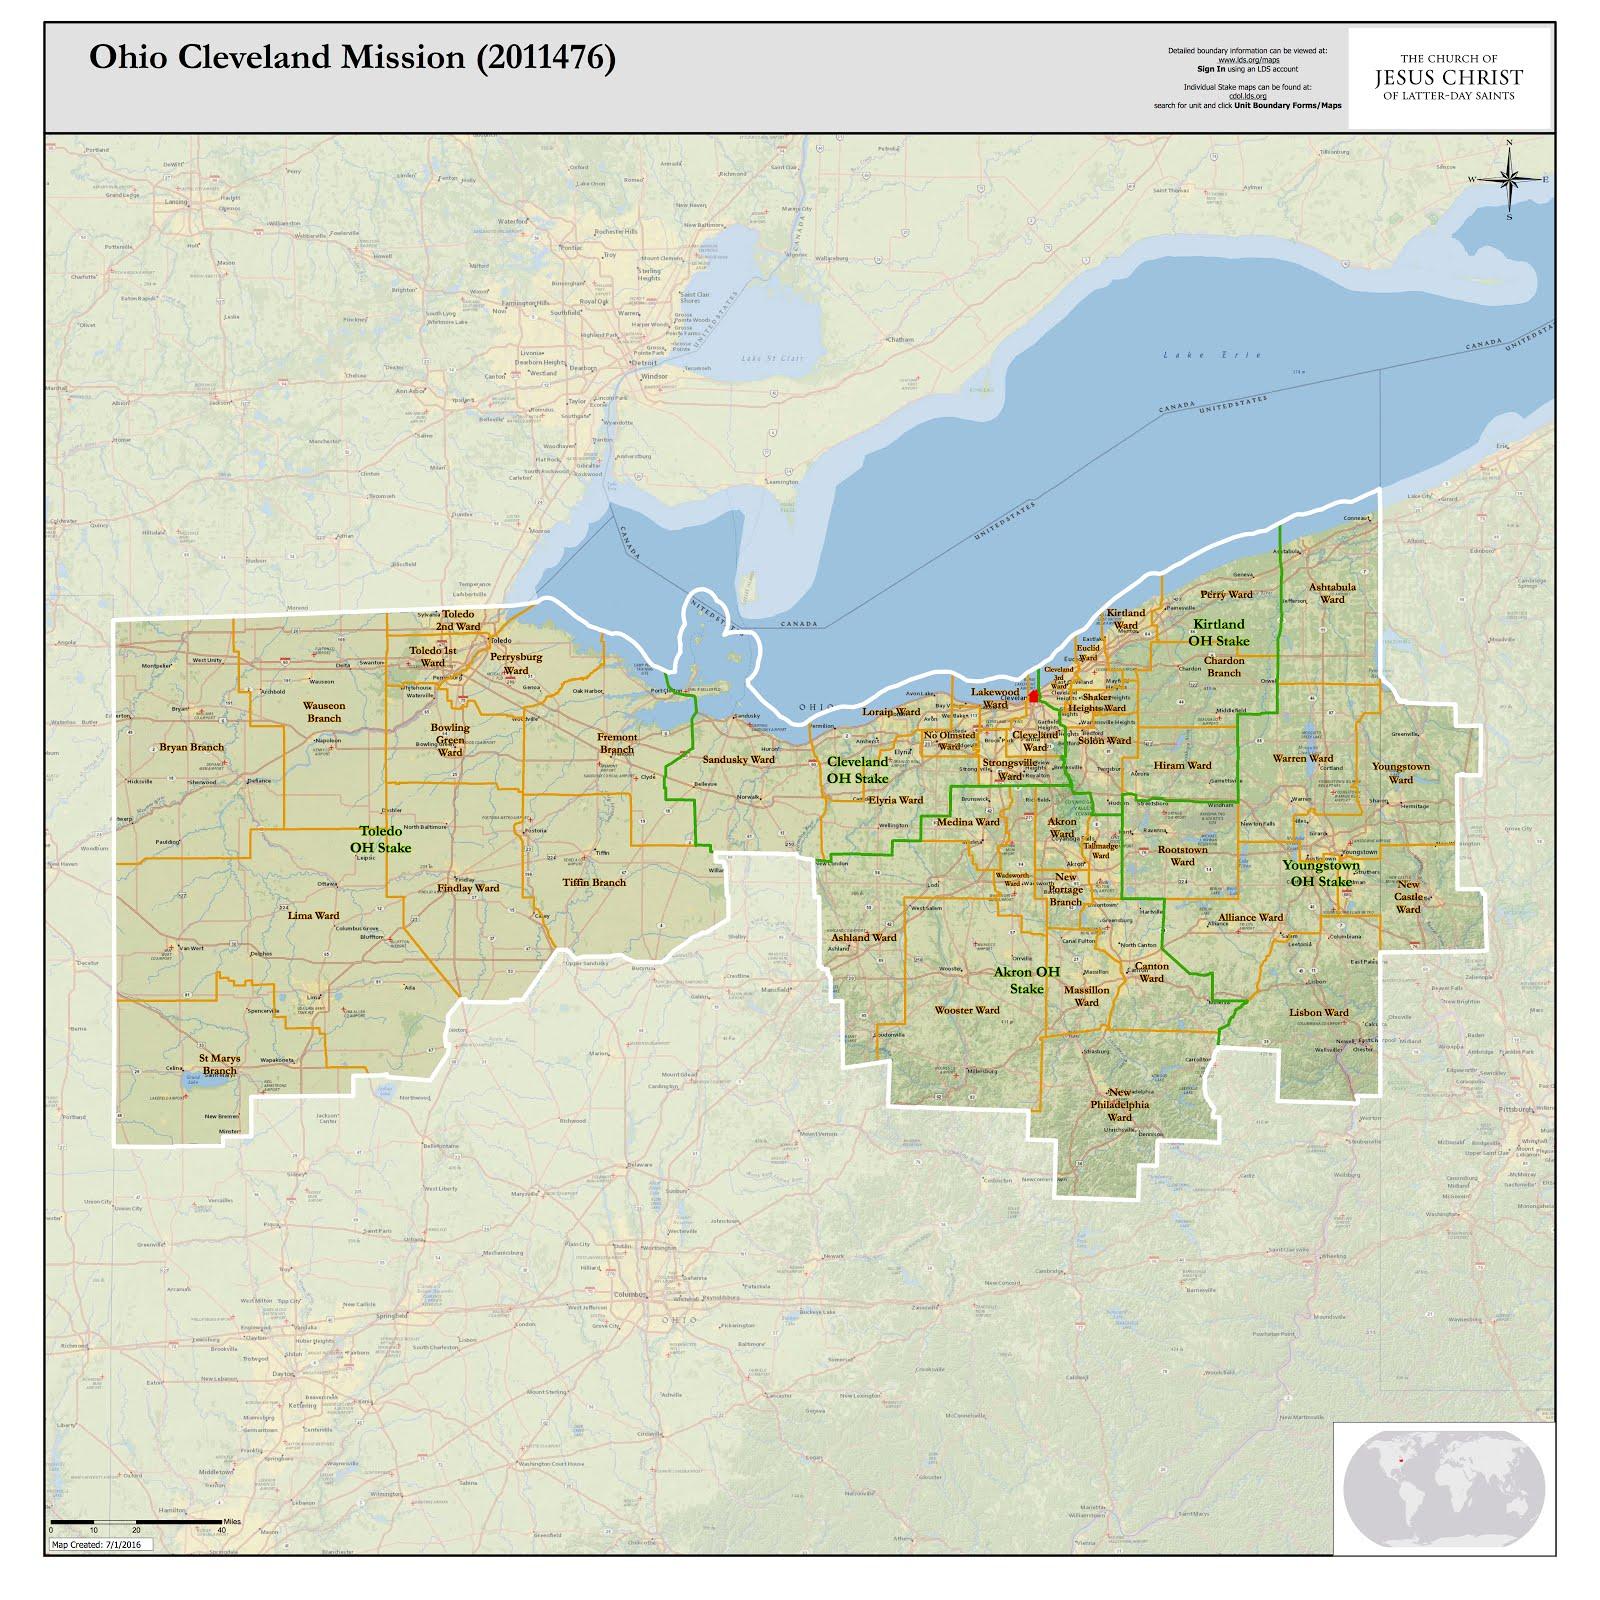 Ohio Cleveland Mission